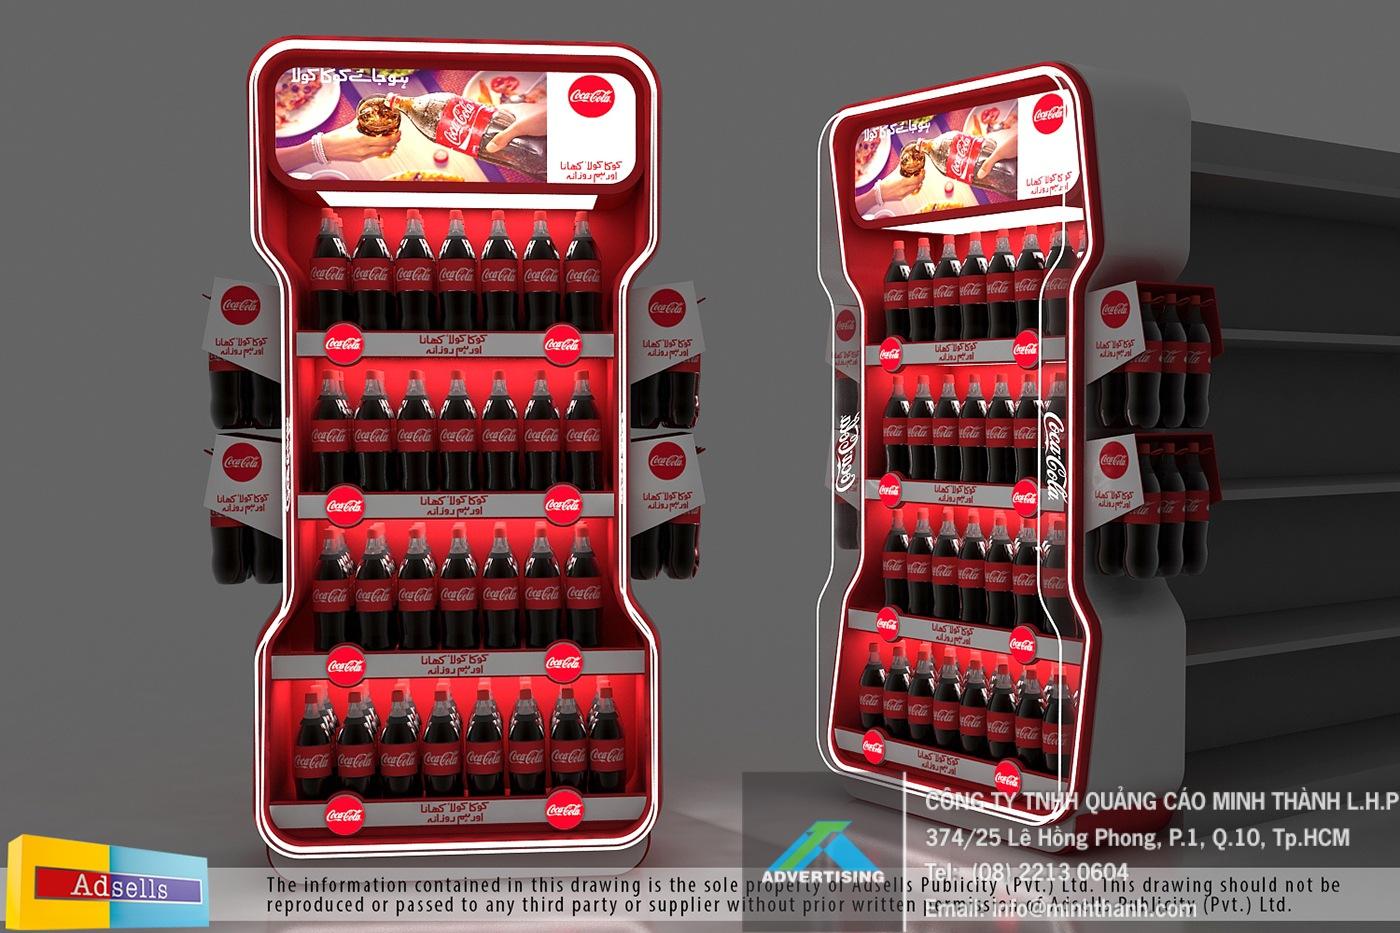 Mẫu kệ trưng bày Coke